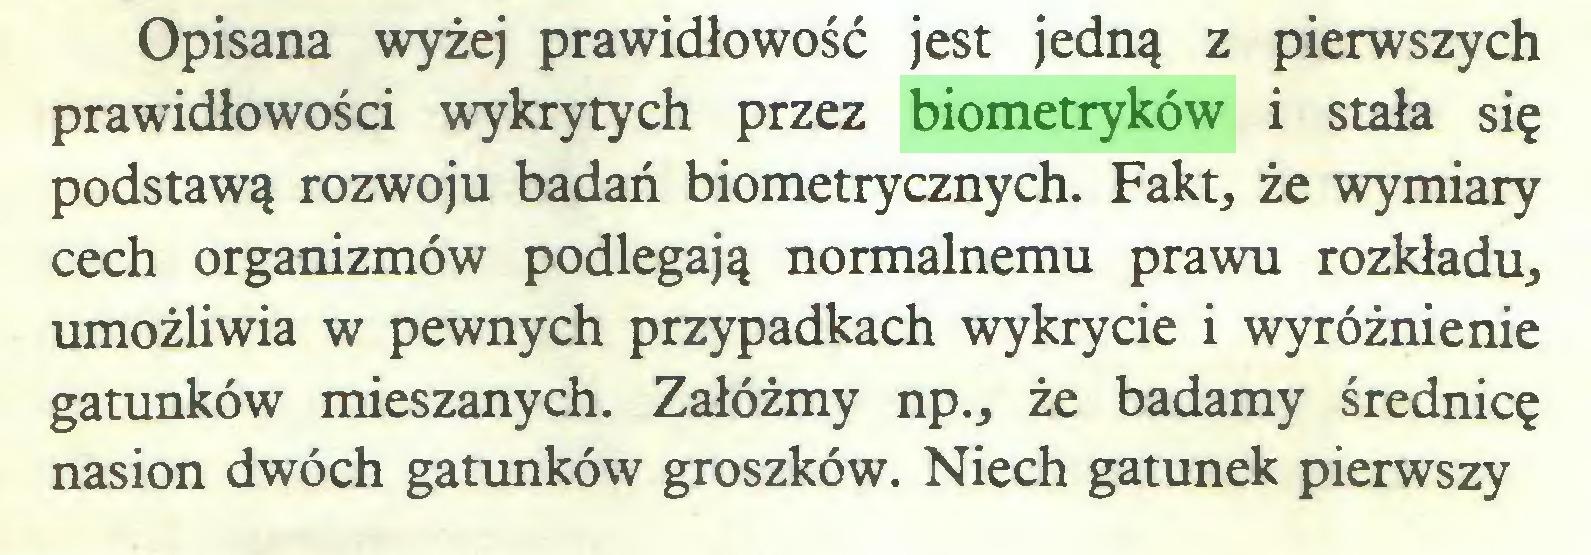 (...) Opisana wyżej prawidłowość jest jedną z pierwszych prawidłowości wykrytych przez biometryków i stała się podstawą rozwoju badań biometrycznych. Fakt, że wymiary cech organizmów podlegają normalnemu prawu rozkładu, umożliwia w pewnych przypadkach wykrycie i wyróżnienie gatunków mieszanych. Załóżmy np., że badamy średnicę nasion dwóch gatunków groszków. Niech gatunek pierwszy...